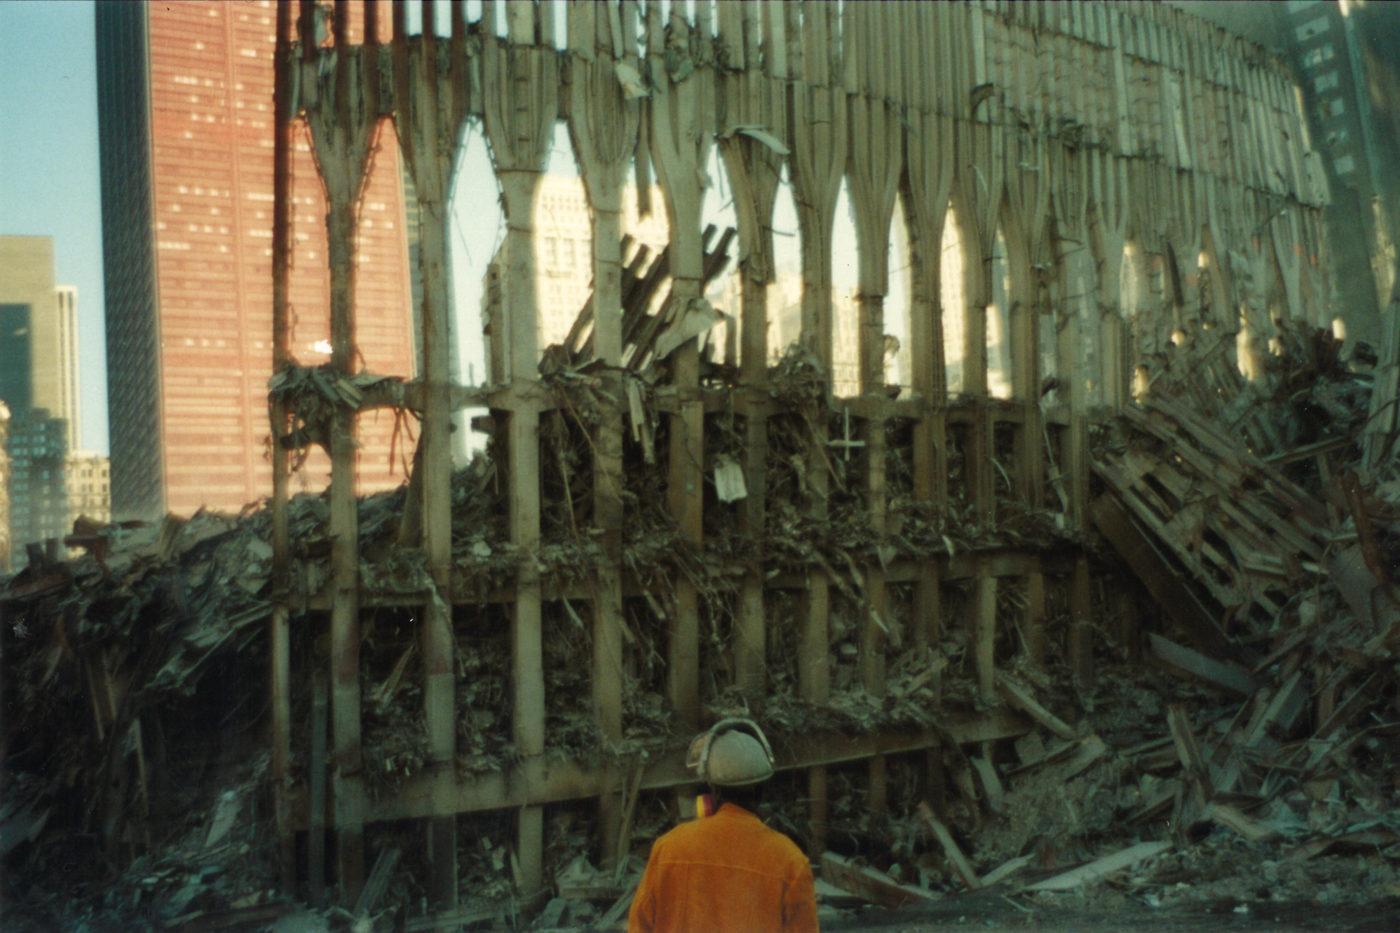 Ground Zero (18)